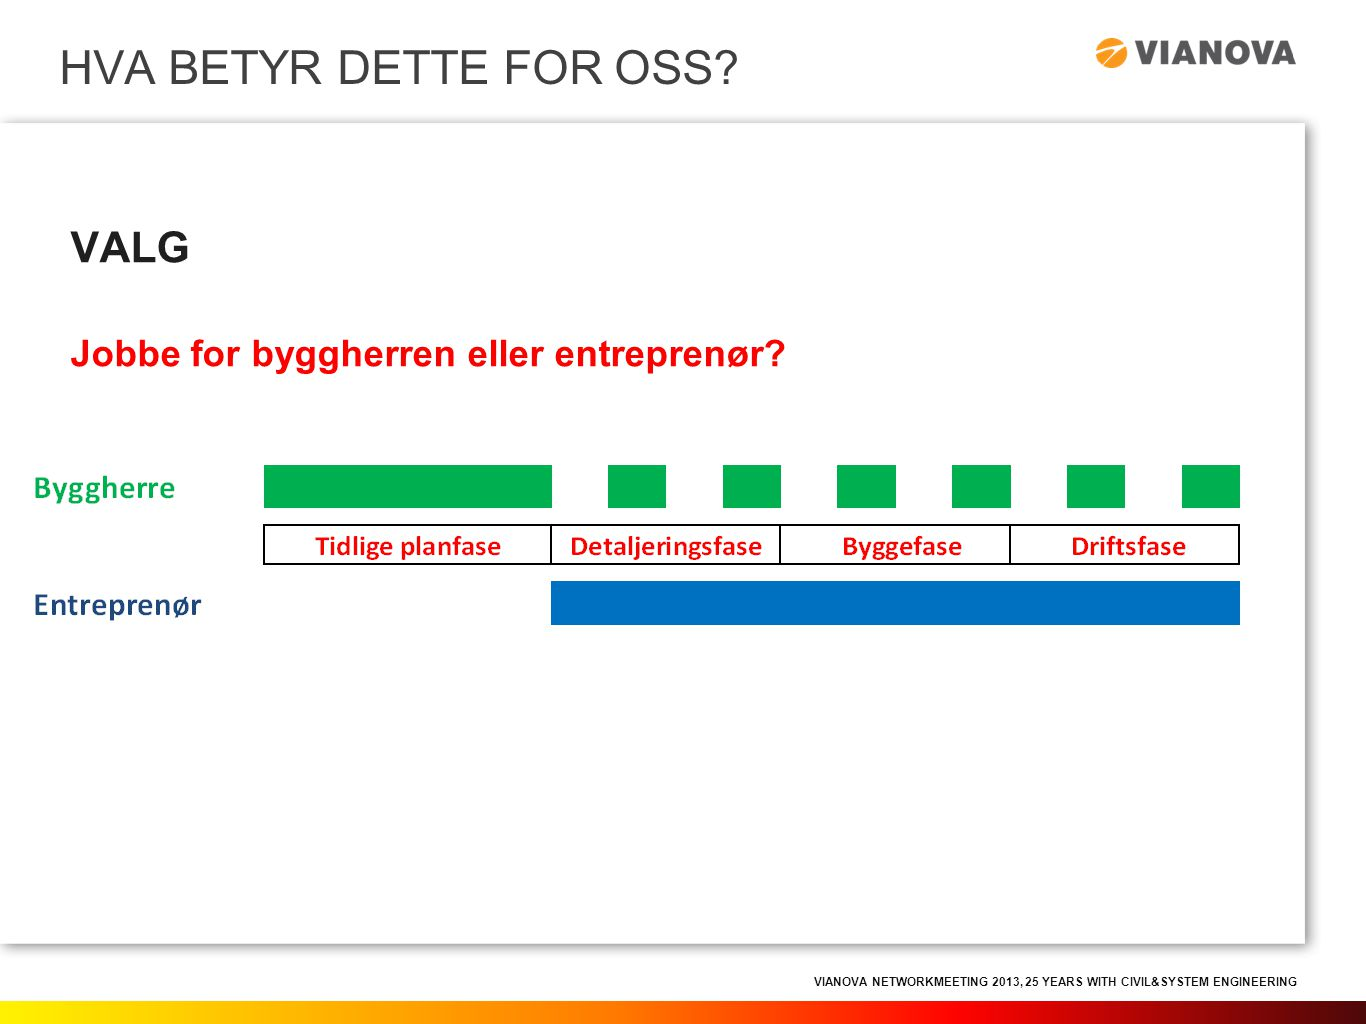 VIANOVA NETWORKMEETING 2013, 25 YEARS WITH CIVIL&SYSTEM ENGINEERING VALG Jobbe for byggherren eller entreprenør? HVA BETYR DETTE FOR OSS?